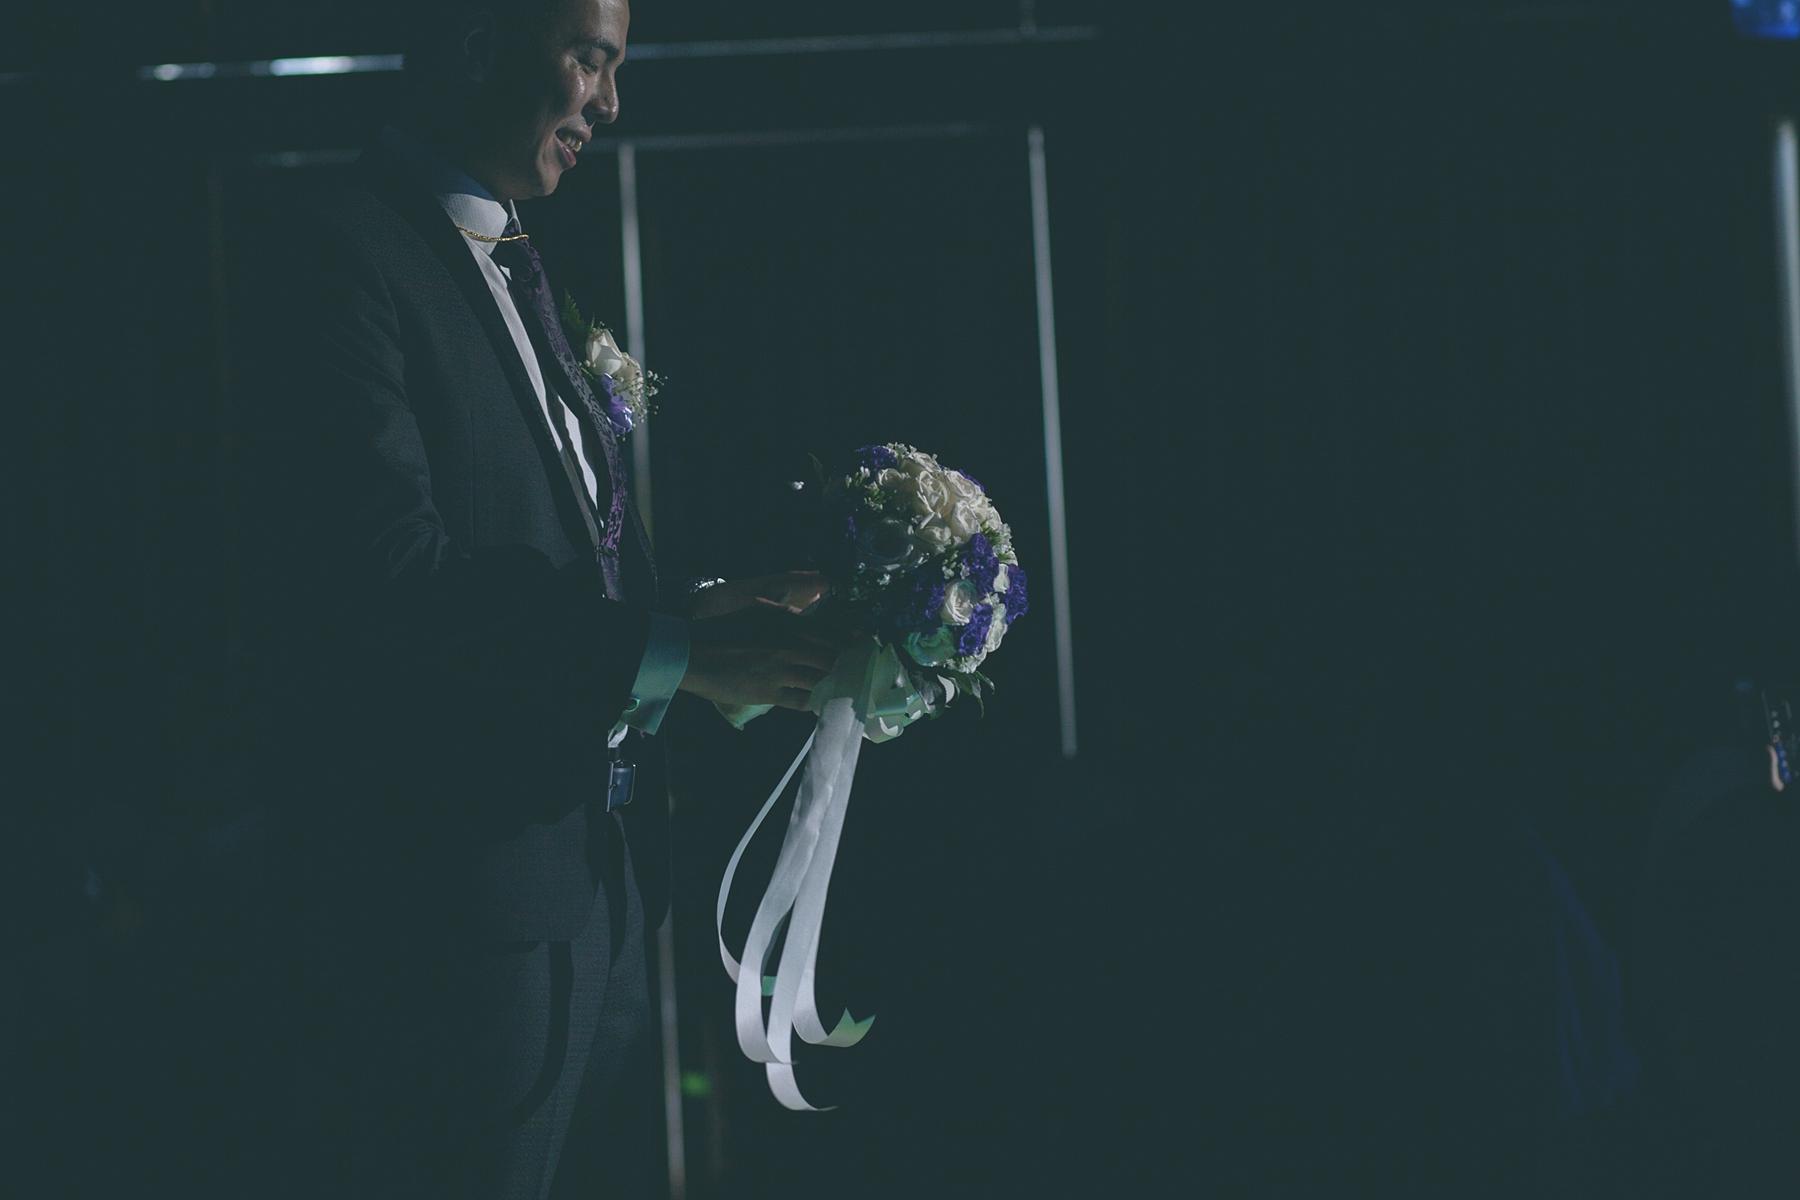 婚禮攝影,婚攝,婚禮記錄,桃園,儷宴婚宴會館,底片風格,自然